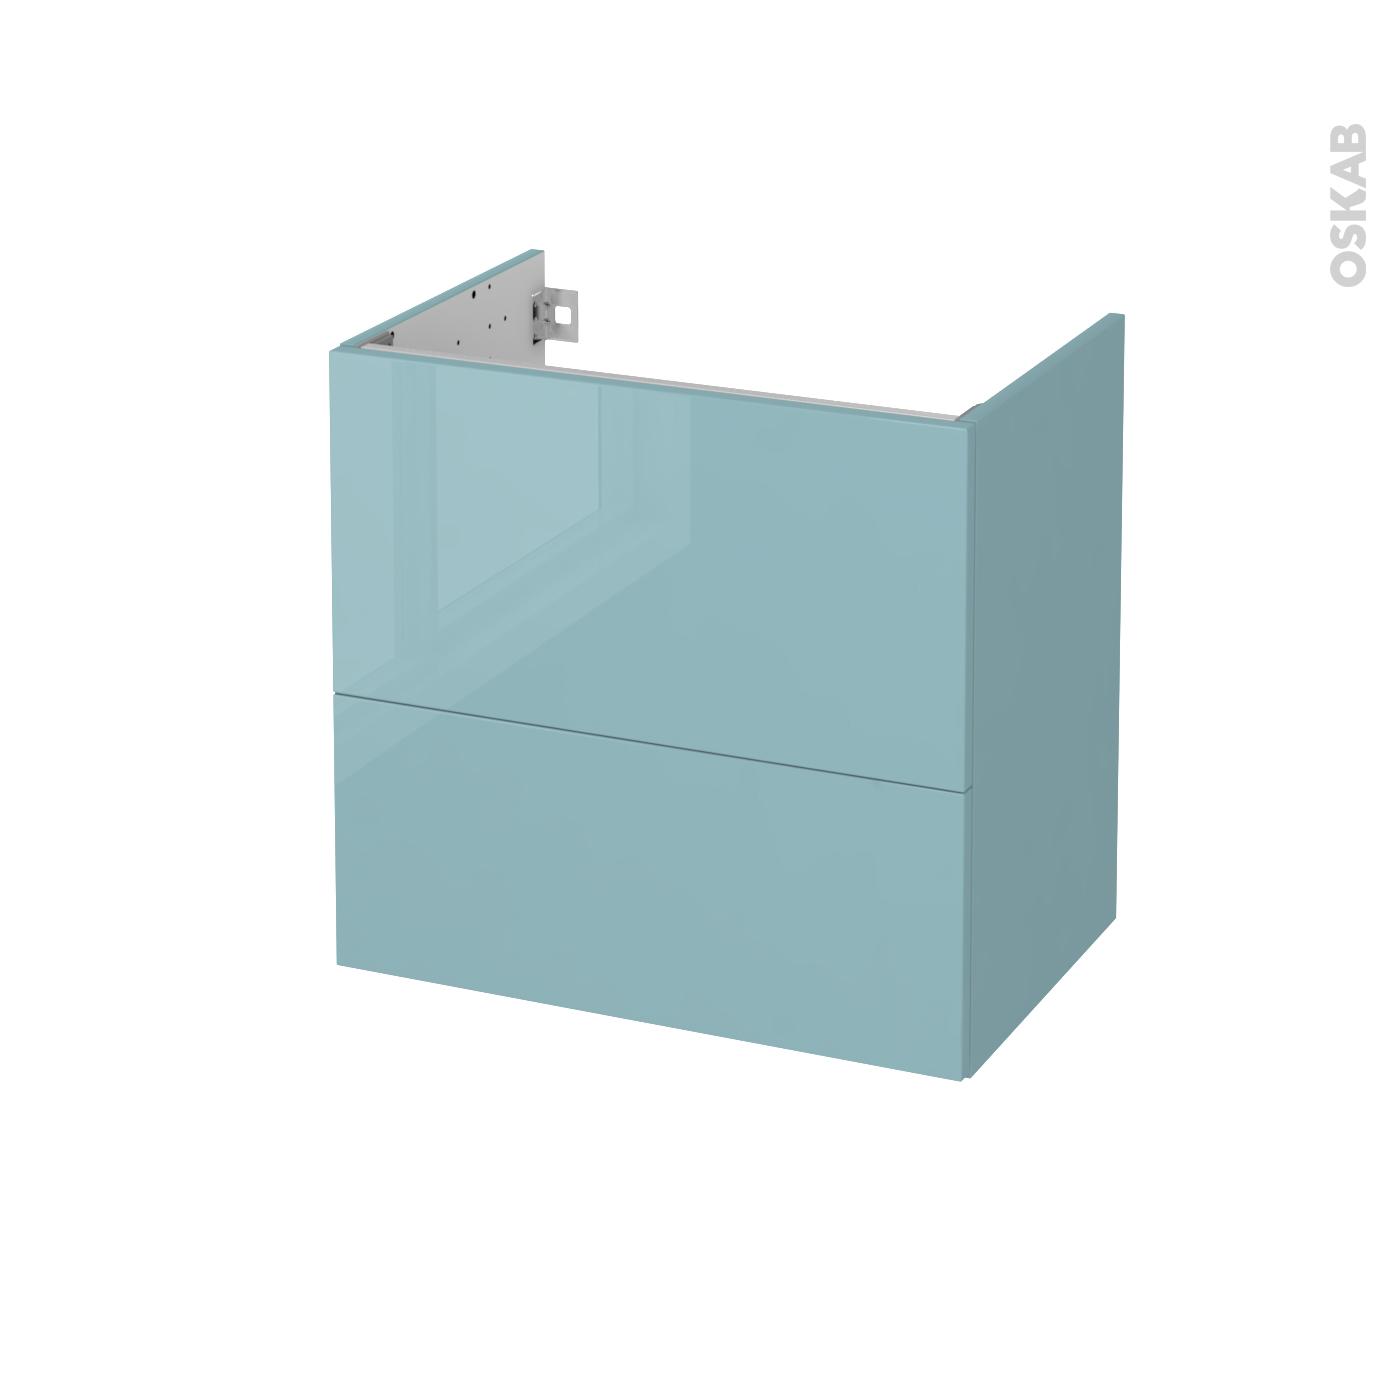 Meuble De Salle De Bains Sous Vasque Keria Bleu 2 Tiroirs Cotes Decors L60 X H57 X P40 Cm Oskab